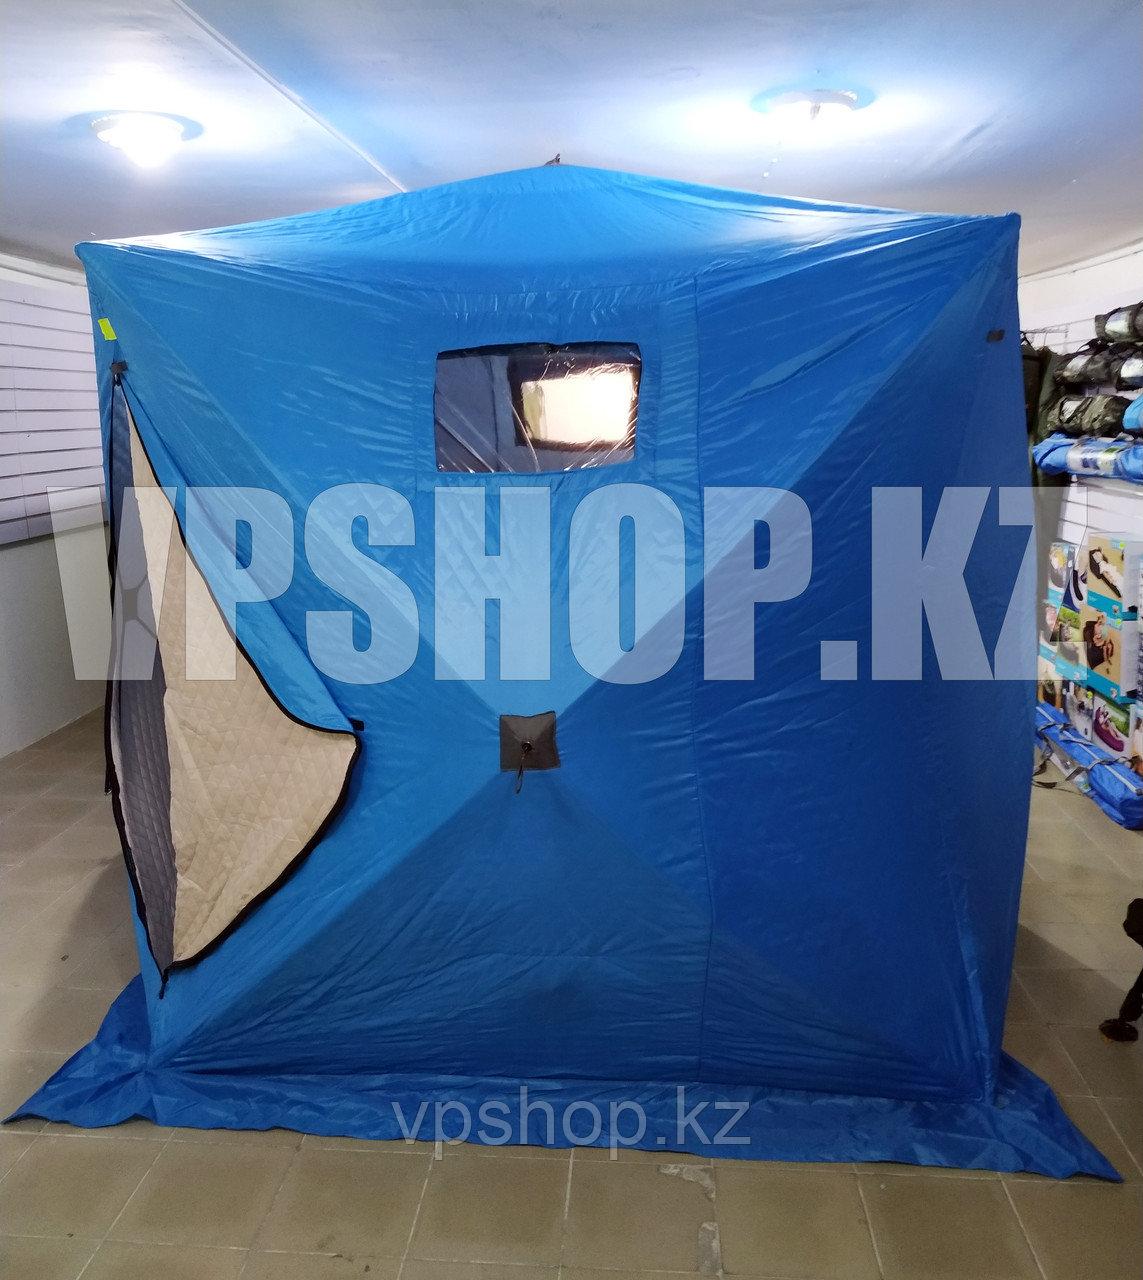 Зимняя палатка куб 3 с синтепоном, трехслойная 220х220х215 см